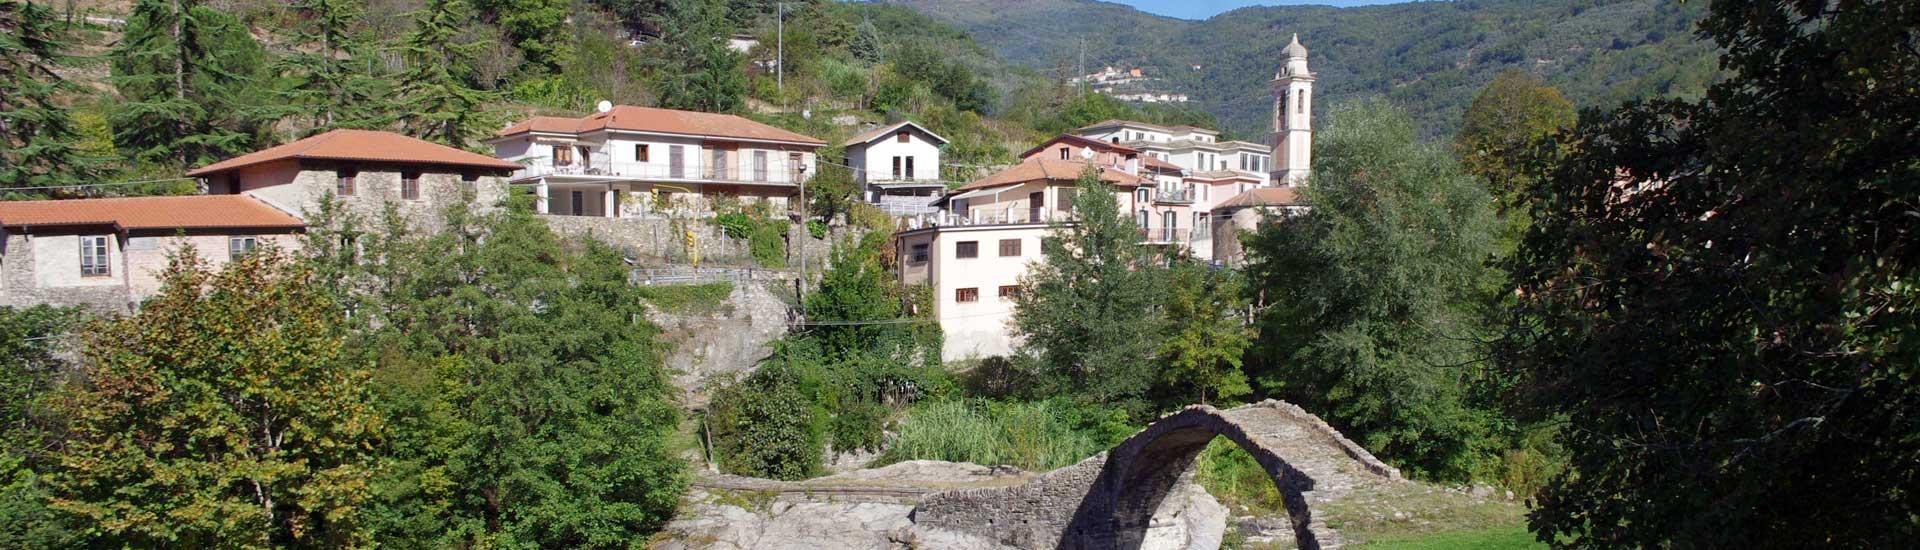 Residenza per anziani a borghetto d